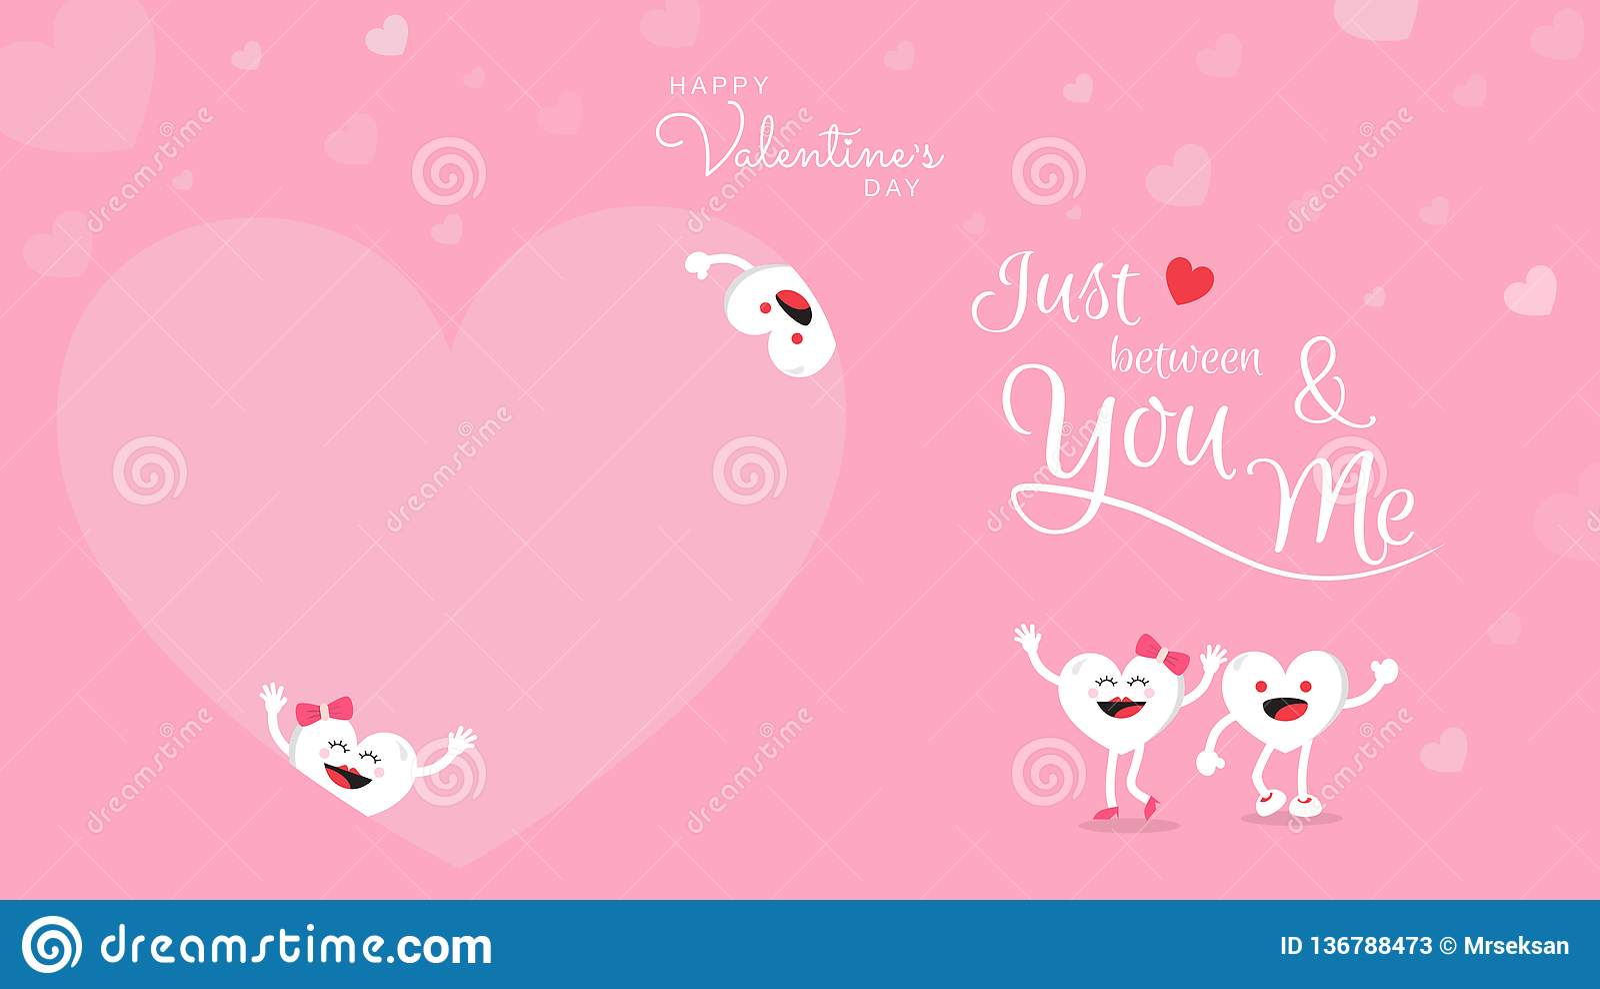 Walentynka dnia tło z śliczną kierową kreskówką i kaligrafią Właśnie między tobą i ja